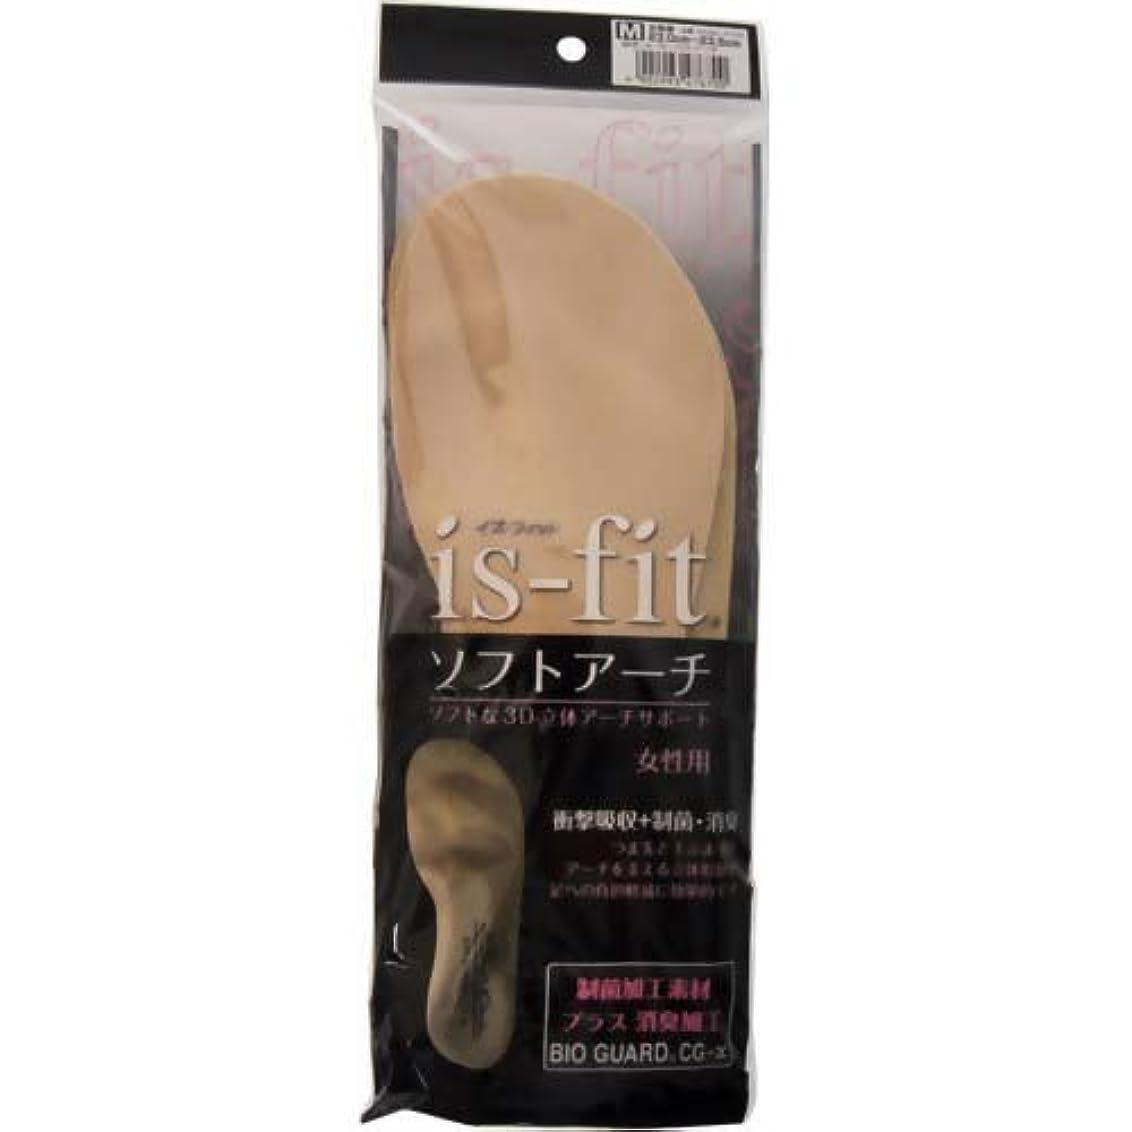 アートスクレーパー演じるis-fit(イズフィット) ソフトアーチ 女性用 M(23.0~23.5cm)